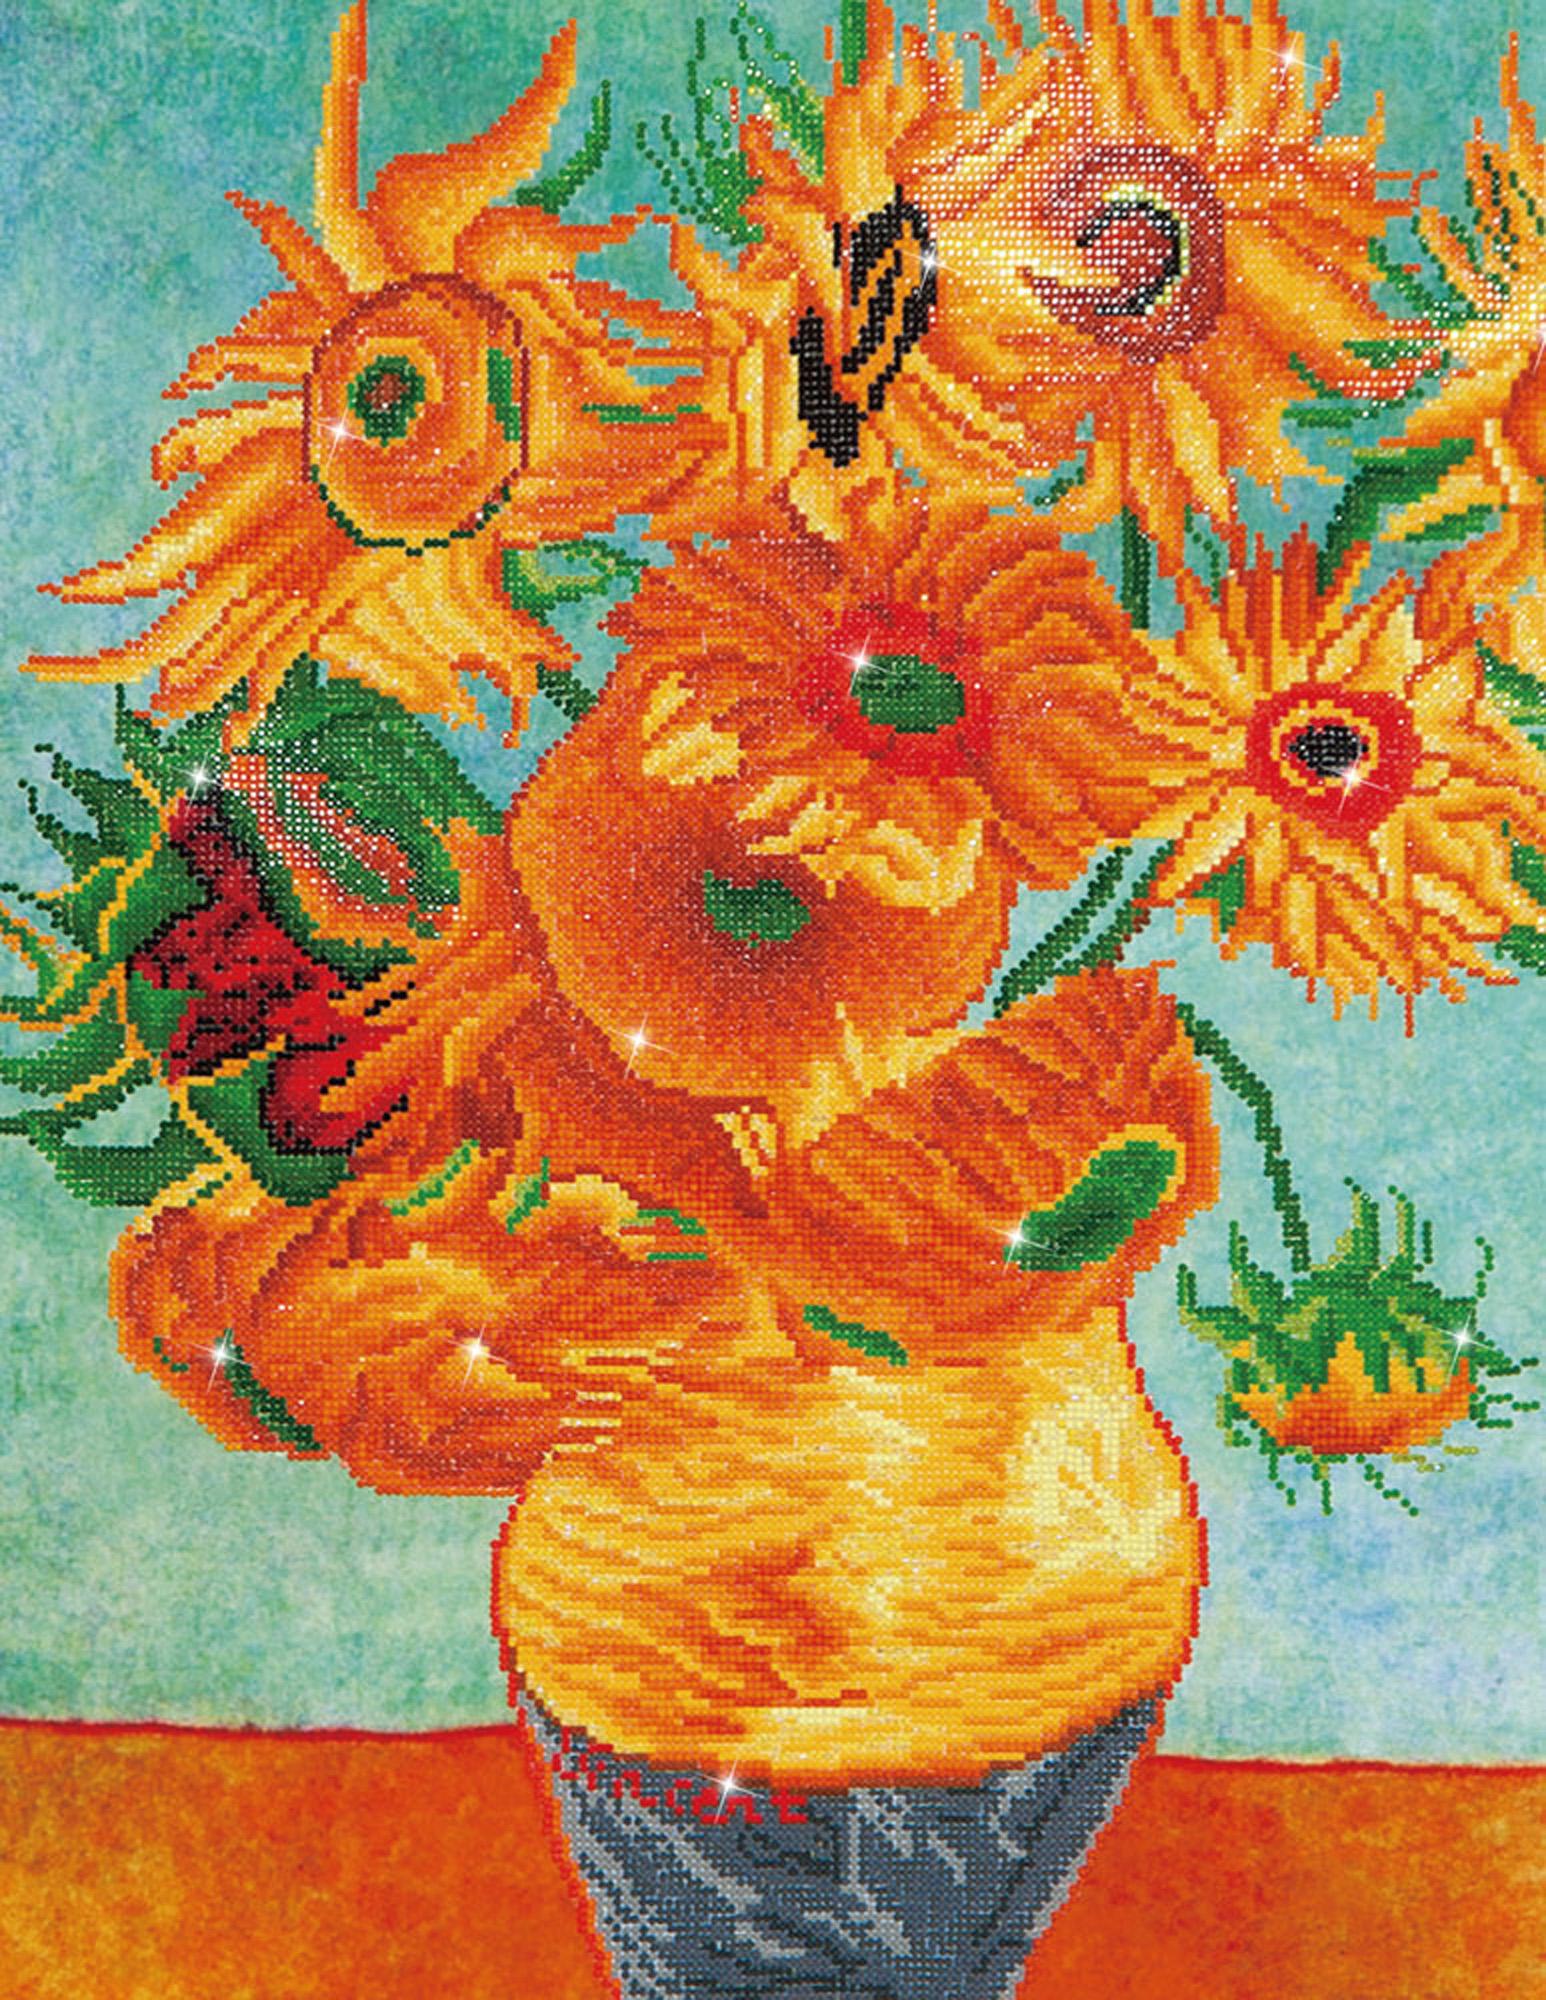 Tablou cu diamante - Vaza cu flori (Van Gogh), 71 x 56 cm imagine edituradiana.ro